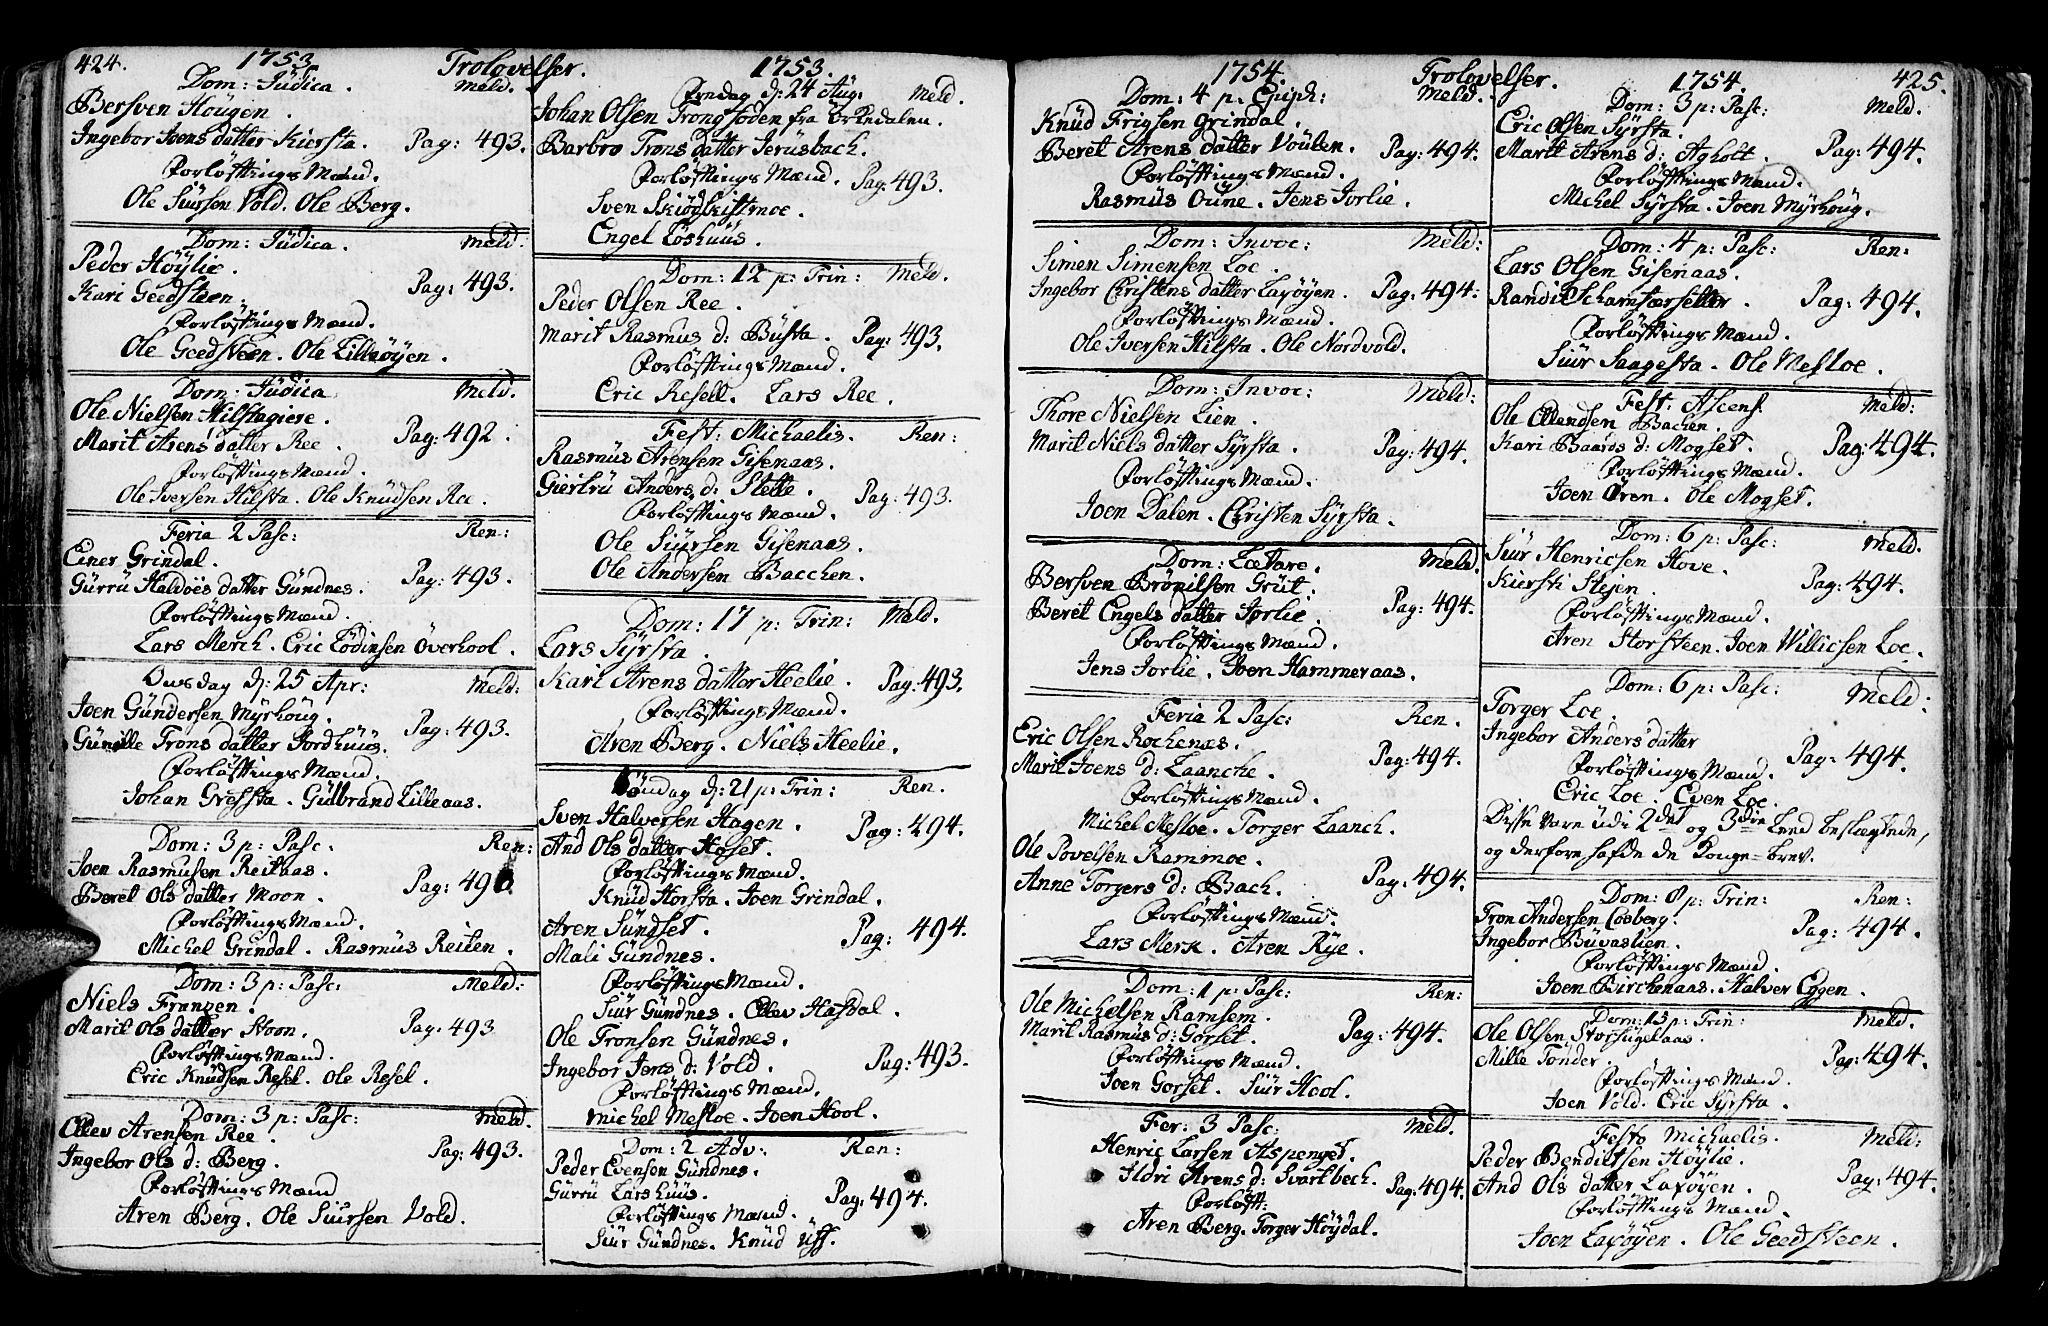 SAT, Ministerialprotokoller, klokkerbøker og fødselsregistre - Sør-Trøndelag, 672/L0851: Ministerialbok nr. 672A04, 1751-1775, s. 424-425